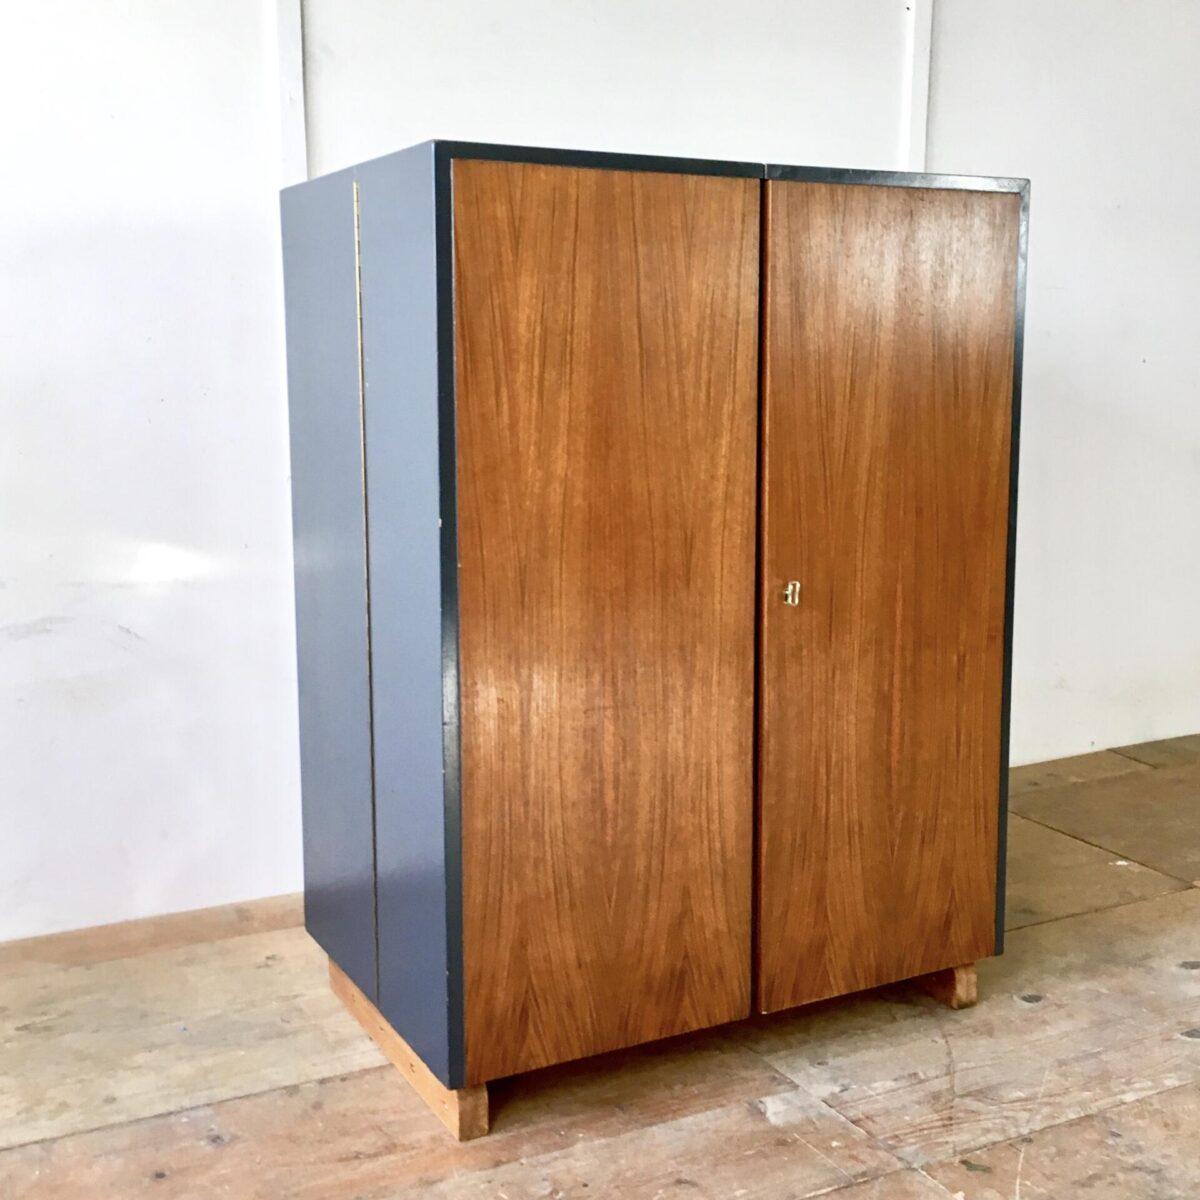 Mummenthaler möbel, magicbox 60er70er jahre. 114h83b55cm tief, geöffnet 167cm breit. Ausgefallen eigenwilliges möbel, sieht geschlossen unscheinbar etwas plump aus. Wenn es geöffnet ist kommt einiges zum vorschein. Aufklappbarer Schreibtisch Buchenholz furniert mit Schublade. Vorrichtung für hängeregister und diverse fächer für ein aufgeräumtes Büro. Front Nussbaum furniert abschliessbar, seitlich und oben grau Anthrazit lackiert.